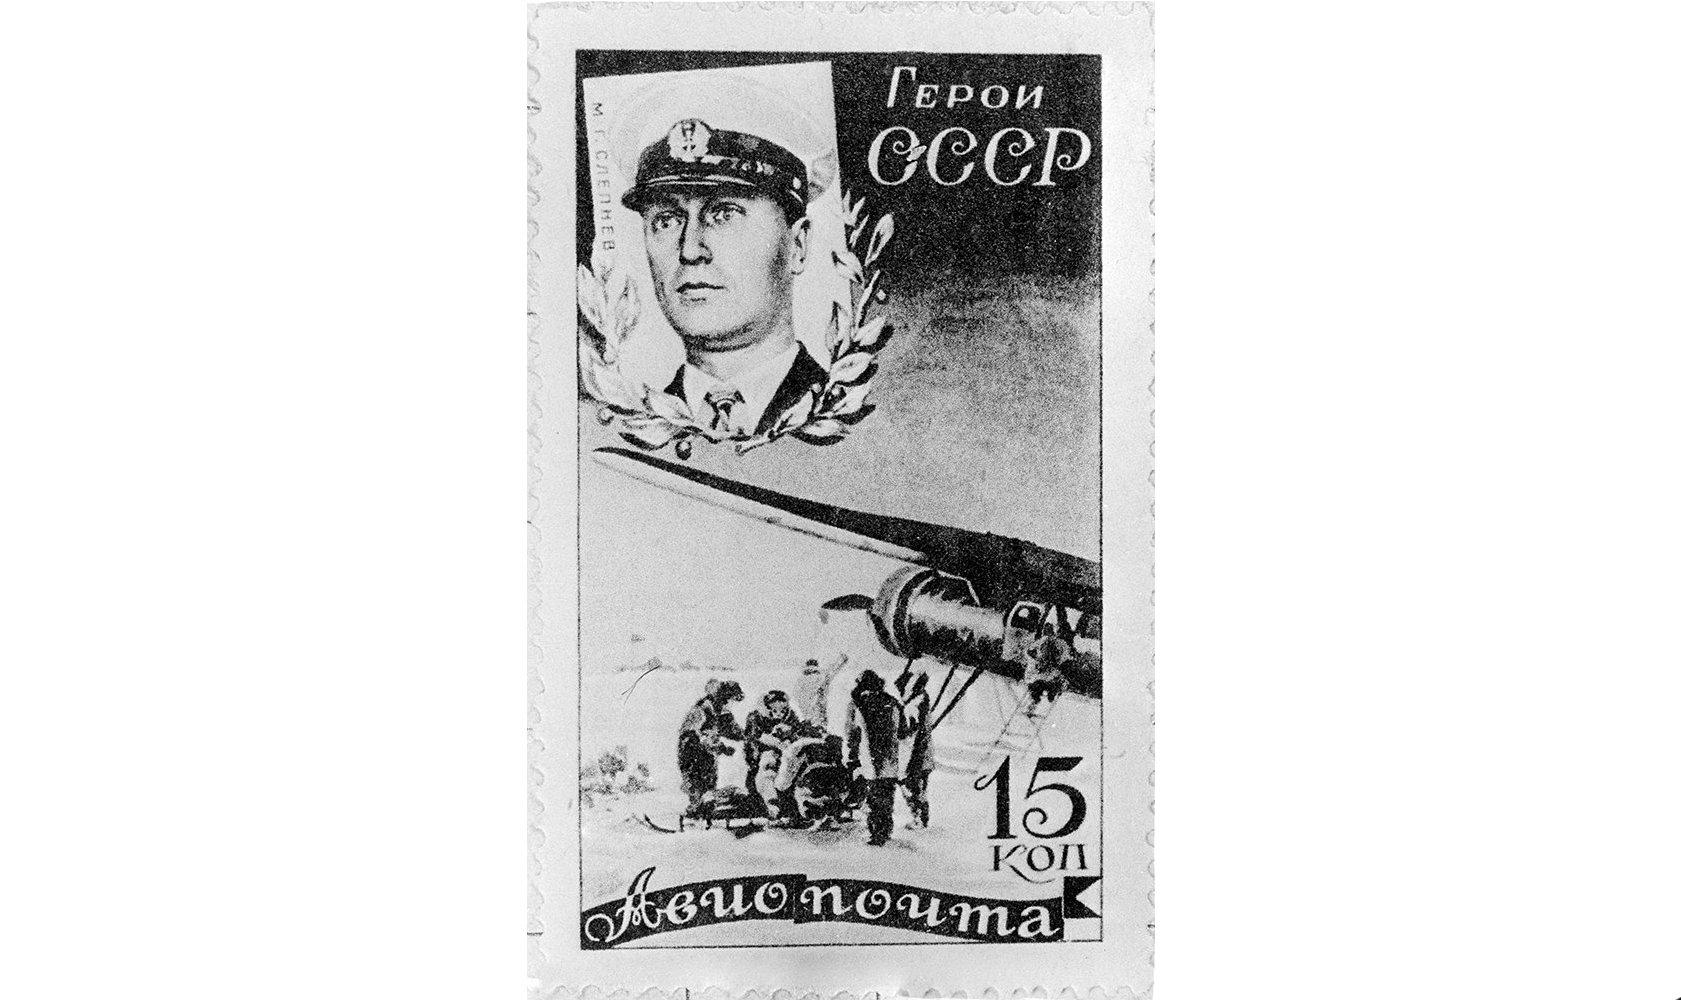 Советская почтовая марка 1935 года с портретом Героя Советского Союза лётчика Маврикия Слепнёва